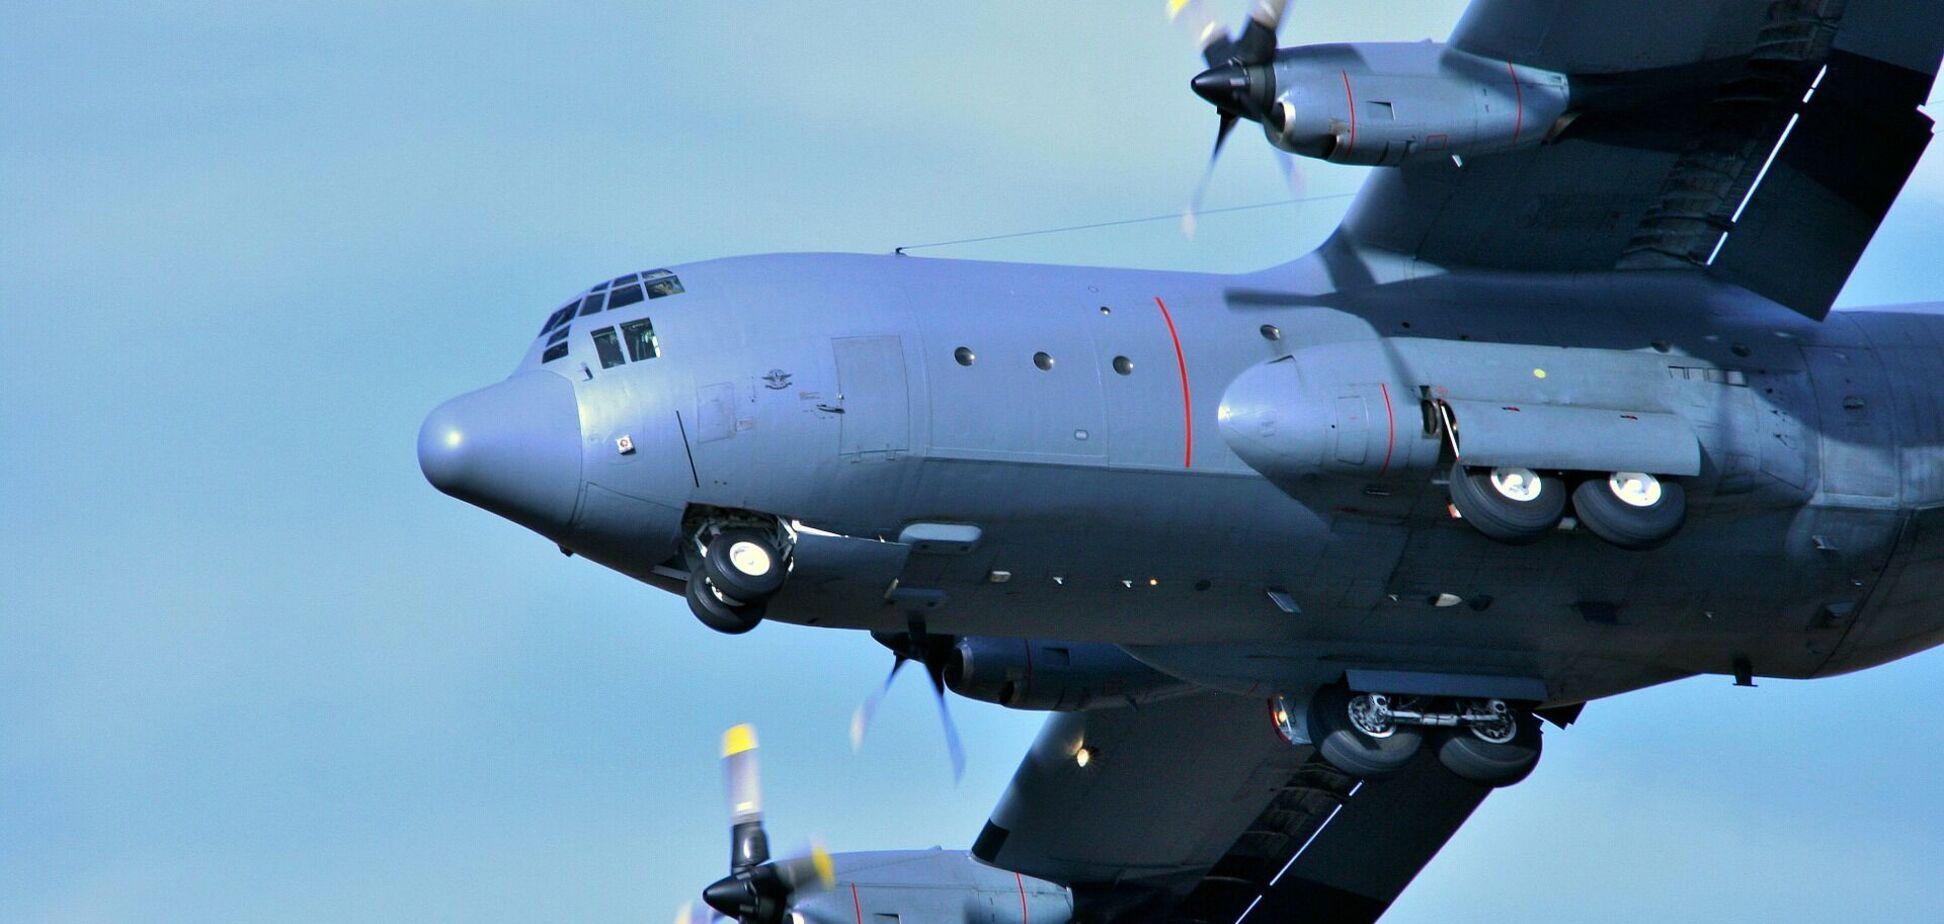 C-130 Hercules аварийно сел в Одессе